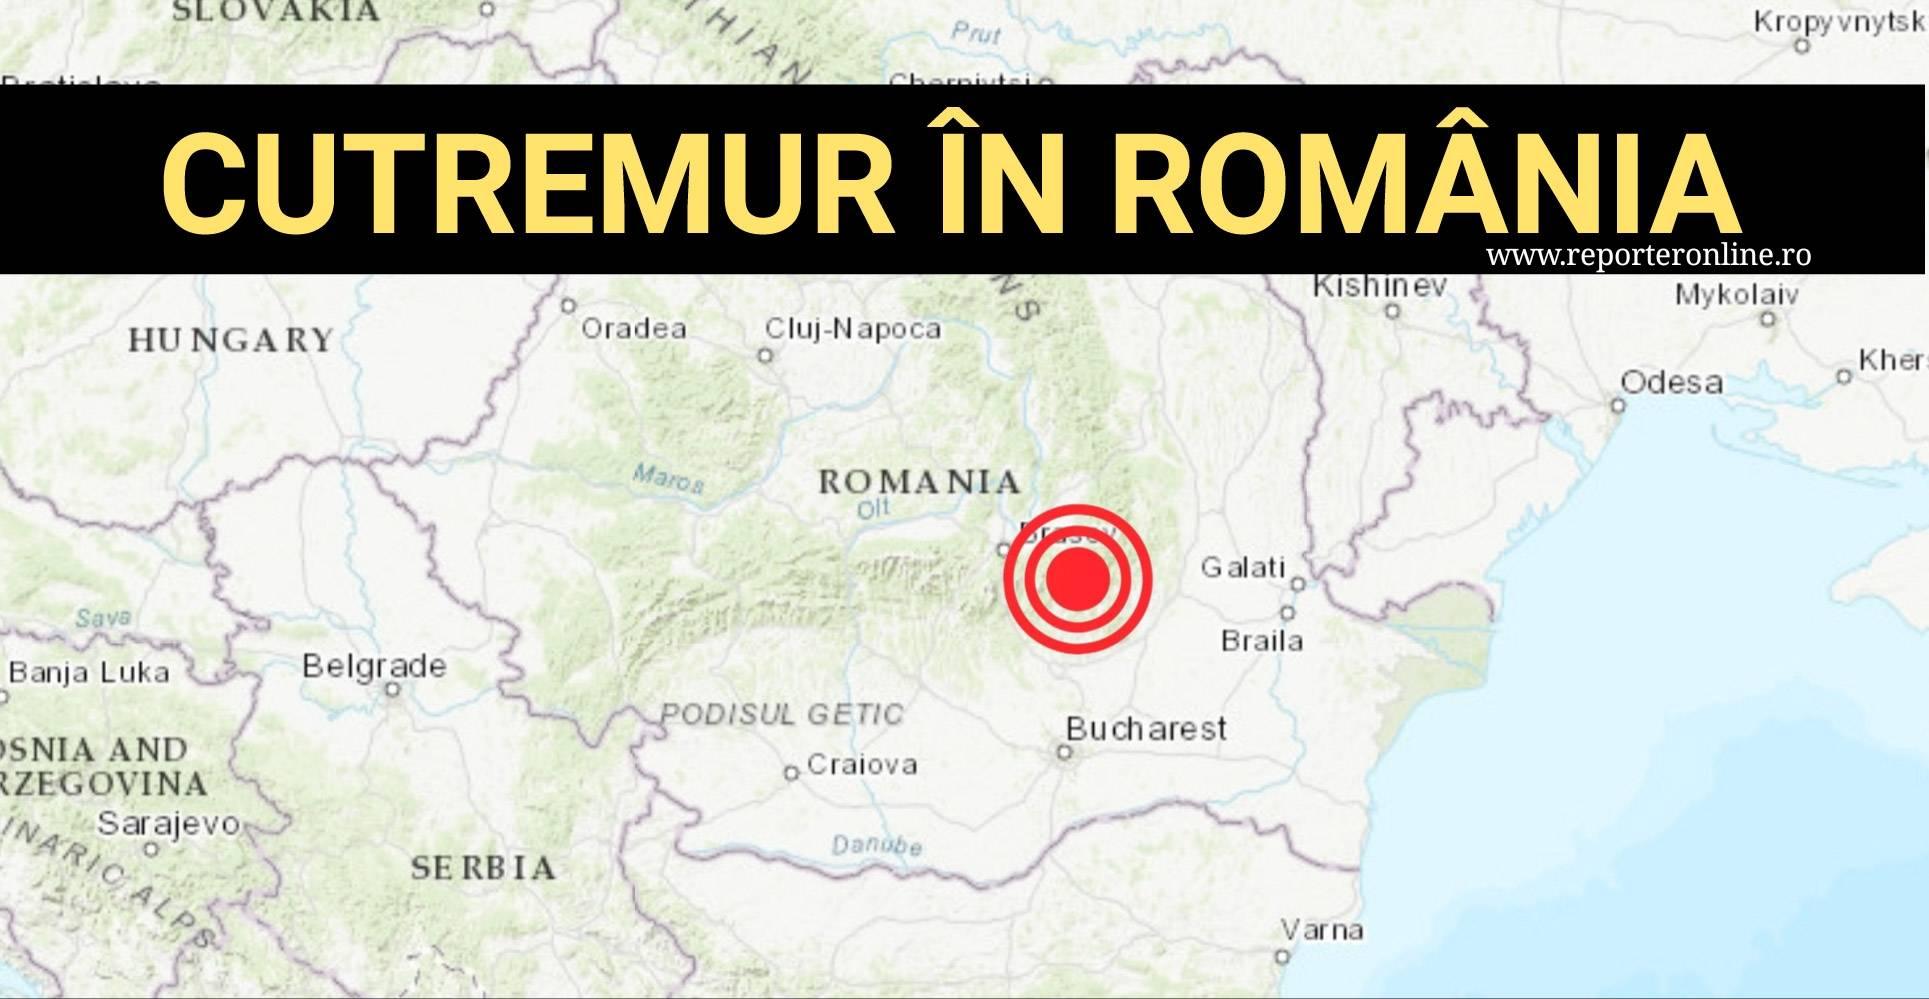 Mai multe cutremure au avut loc astăzi în România și Moldova